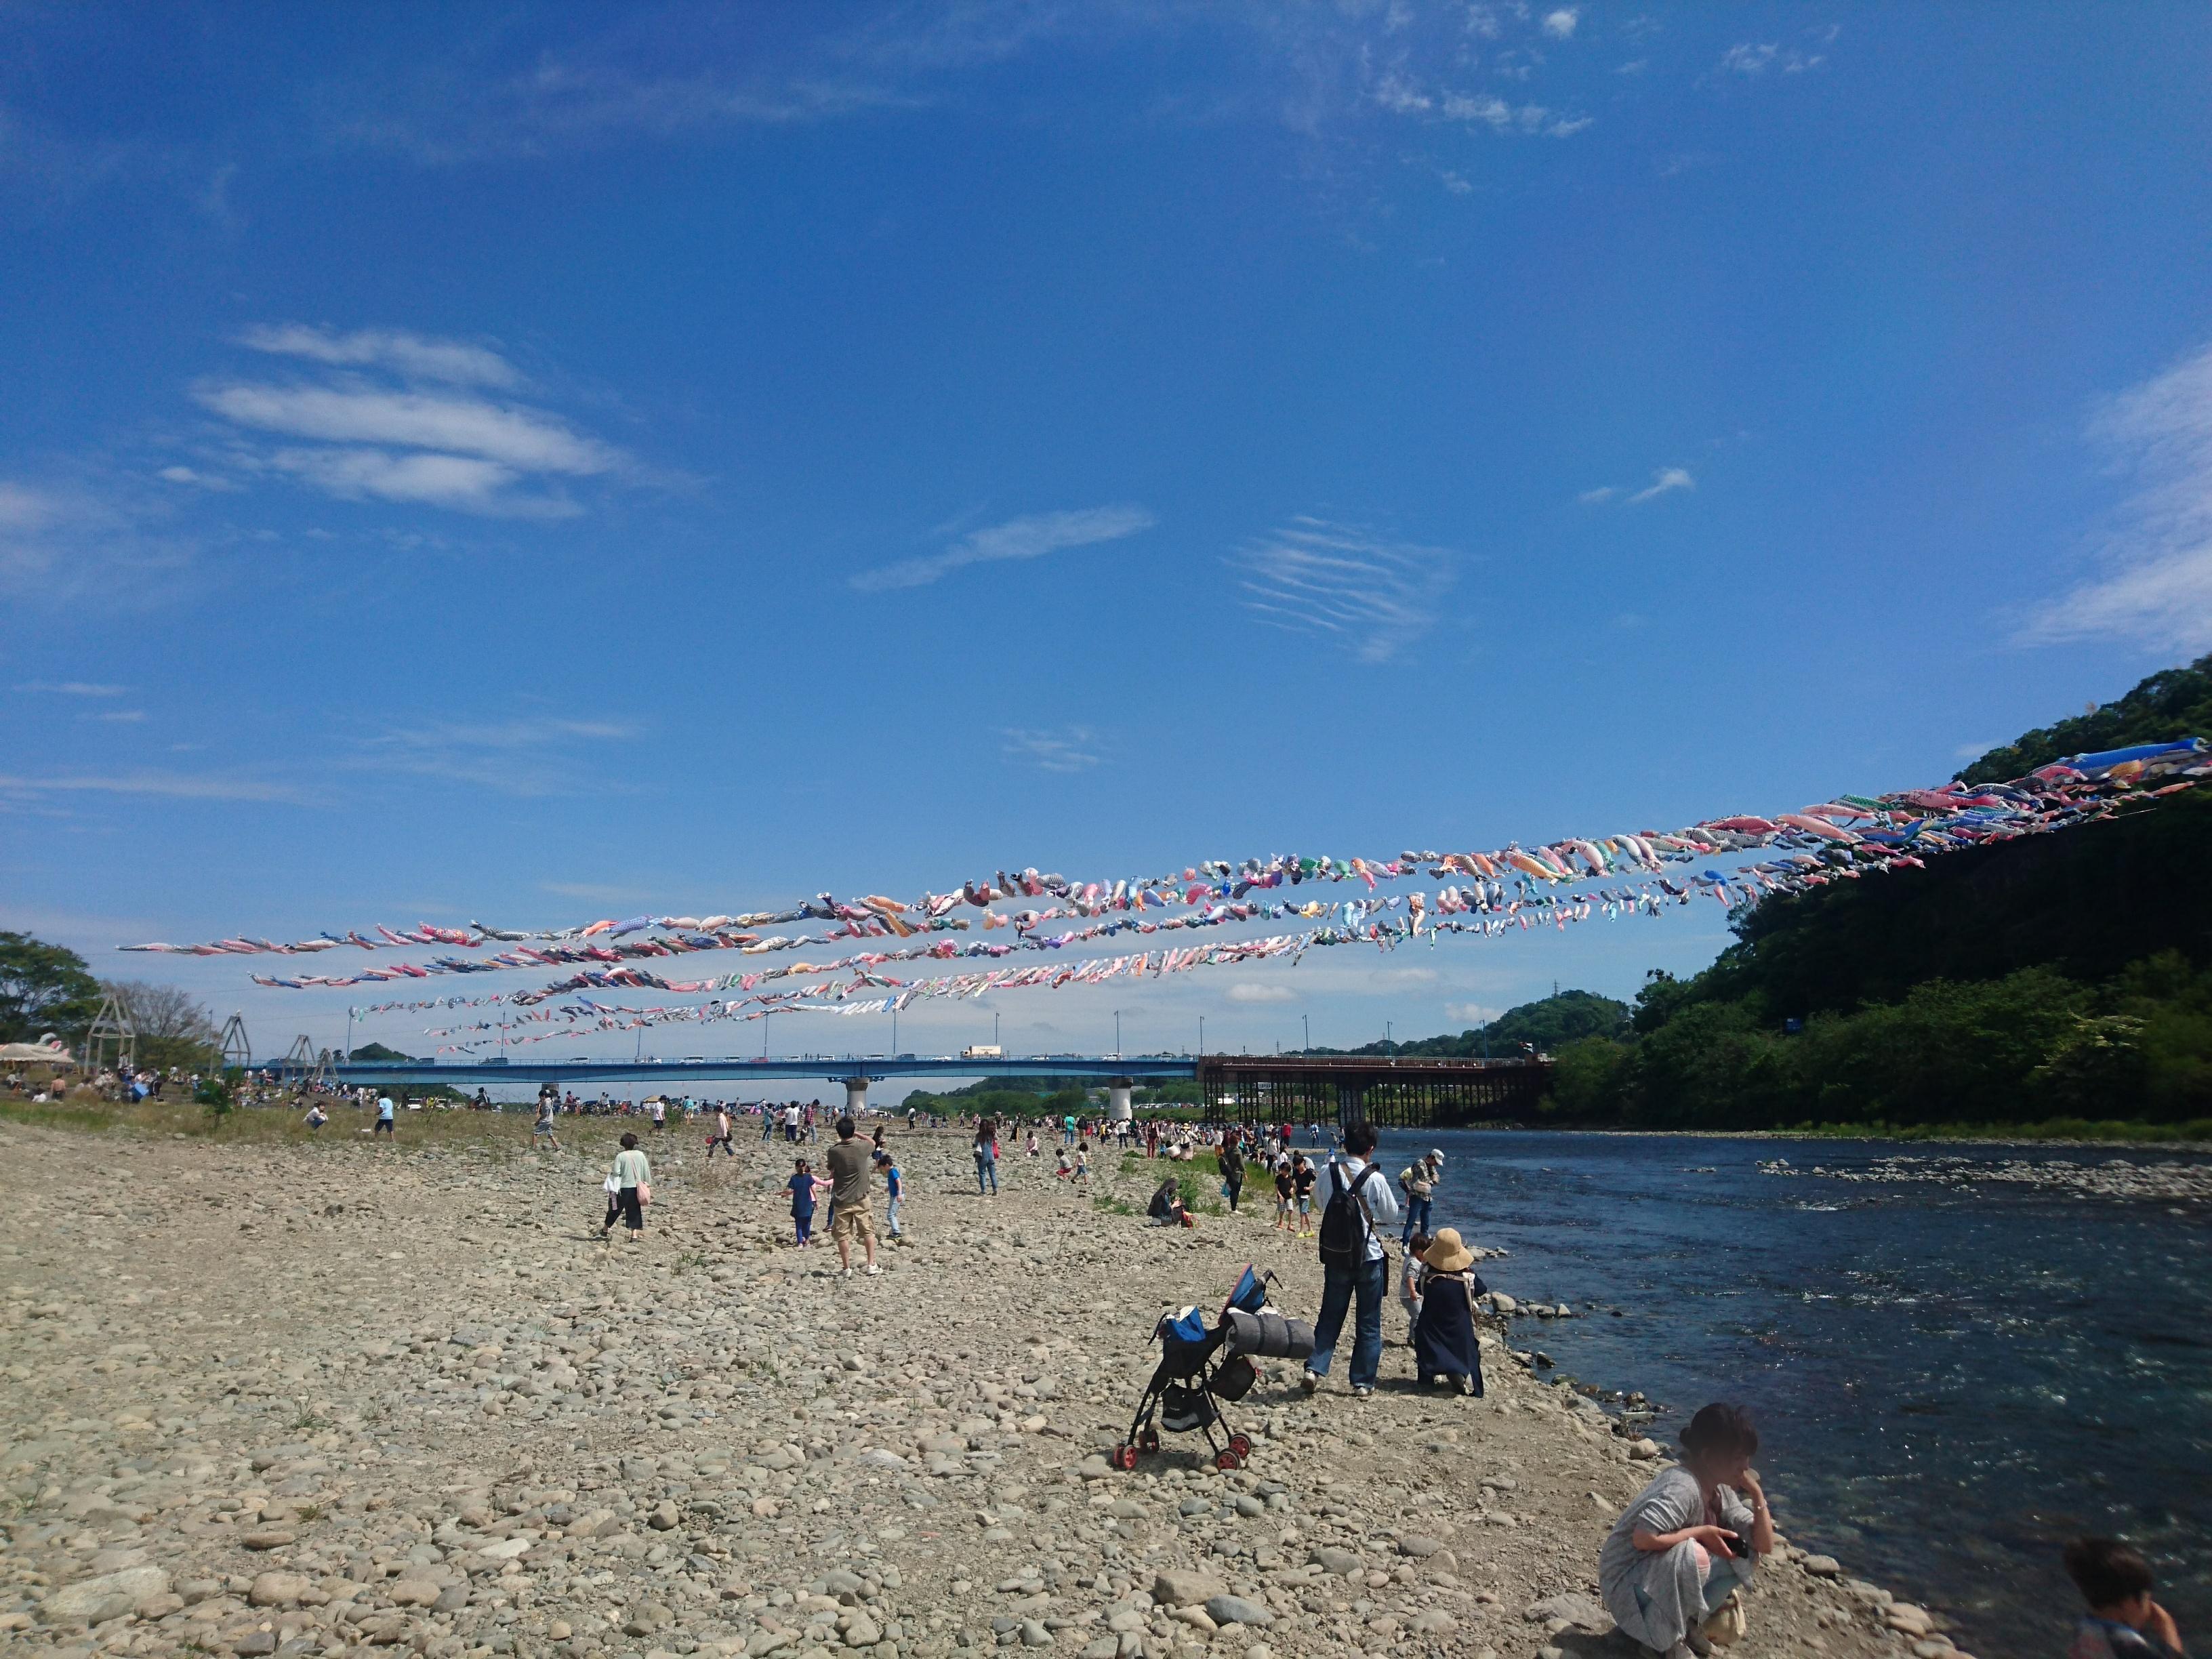 1200匹の鯉のぼりが群泳